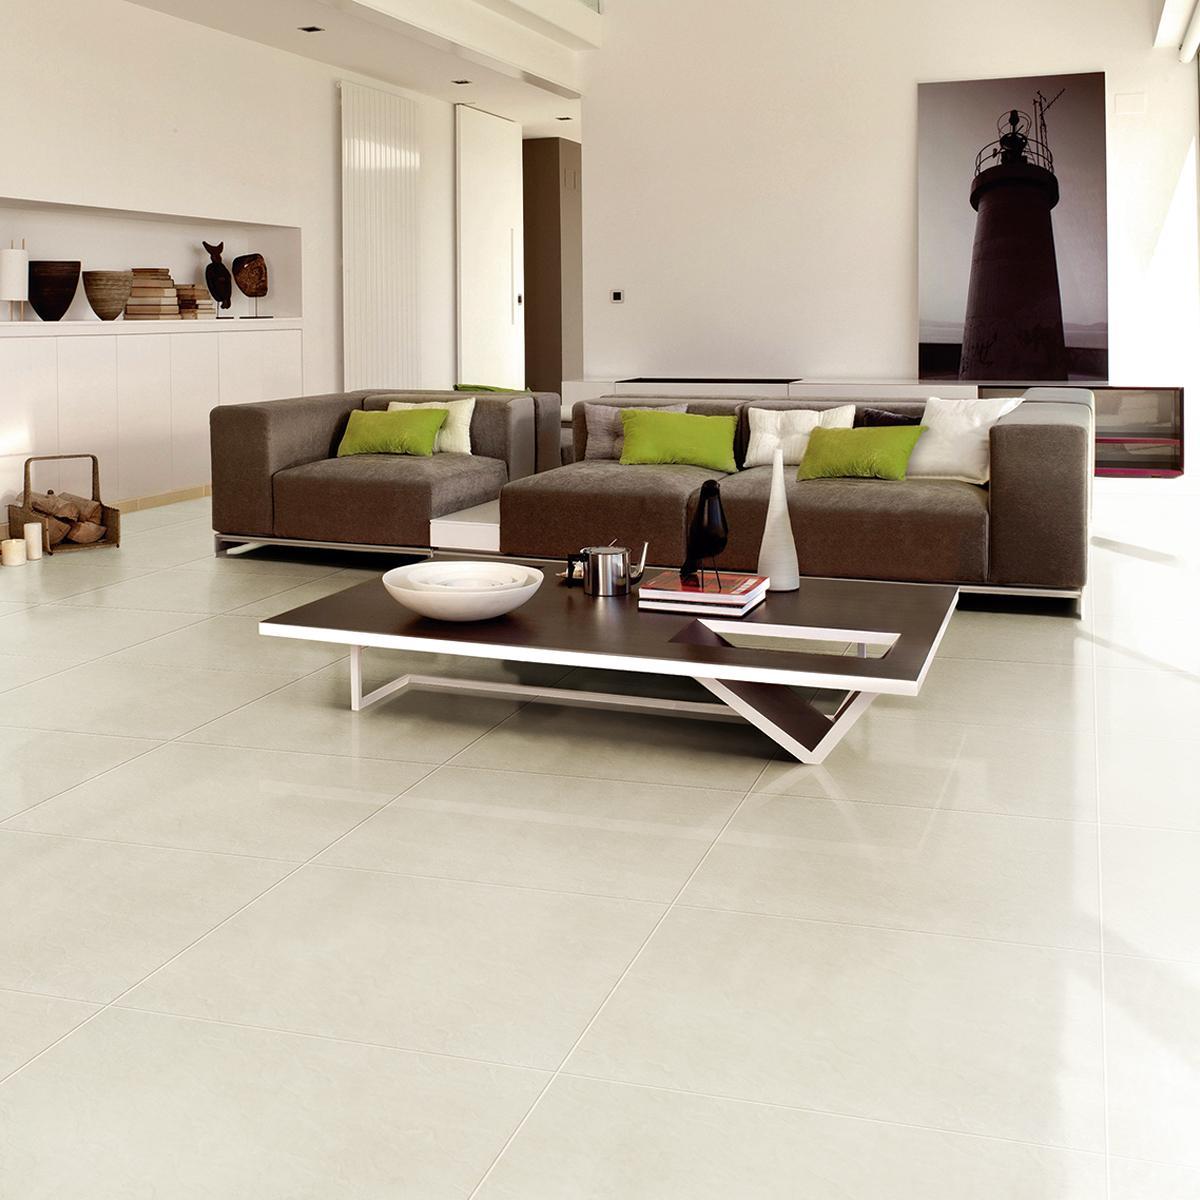 Porcelanato Marmolizado Marfil Brillante - 60X60 cm - 1.44 m2